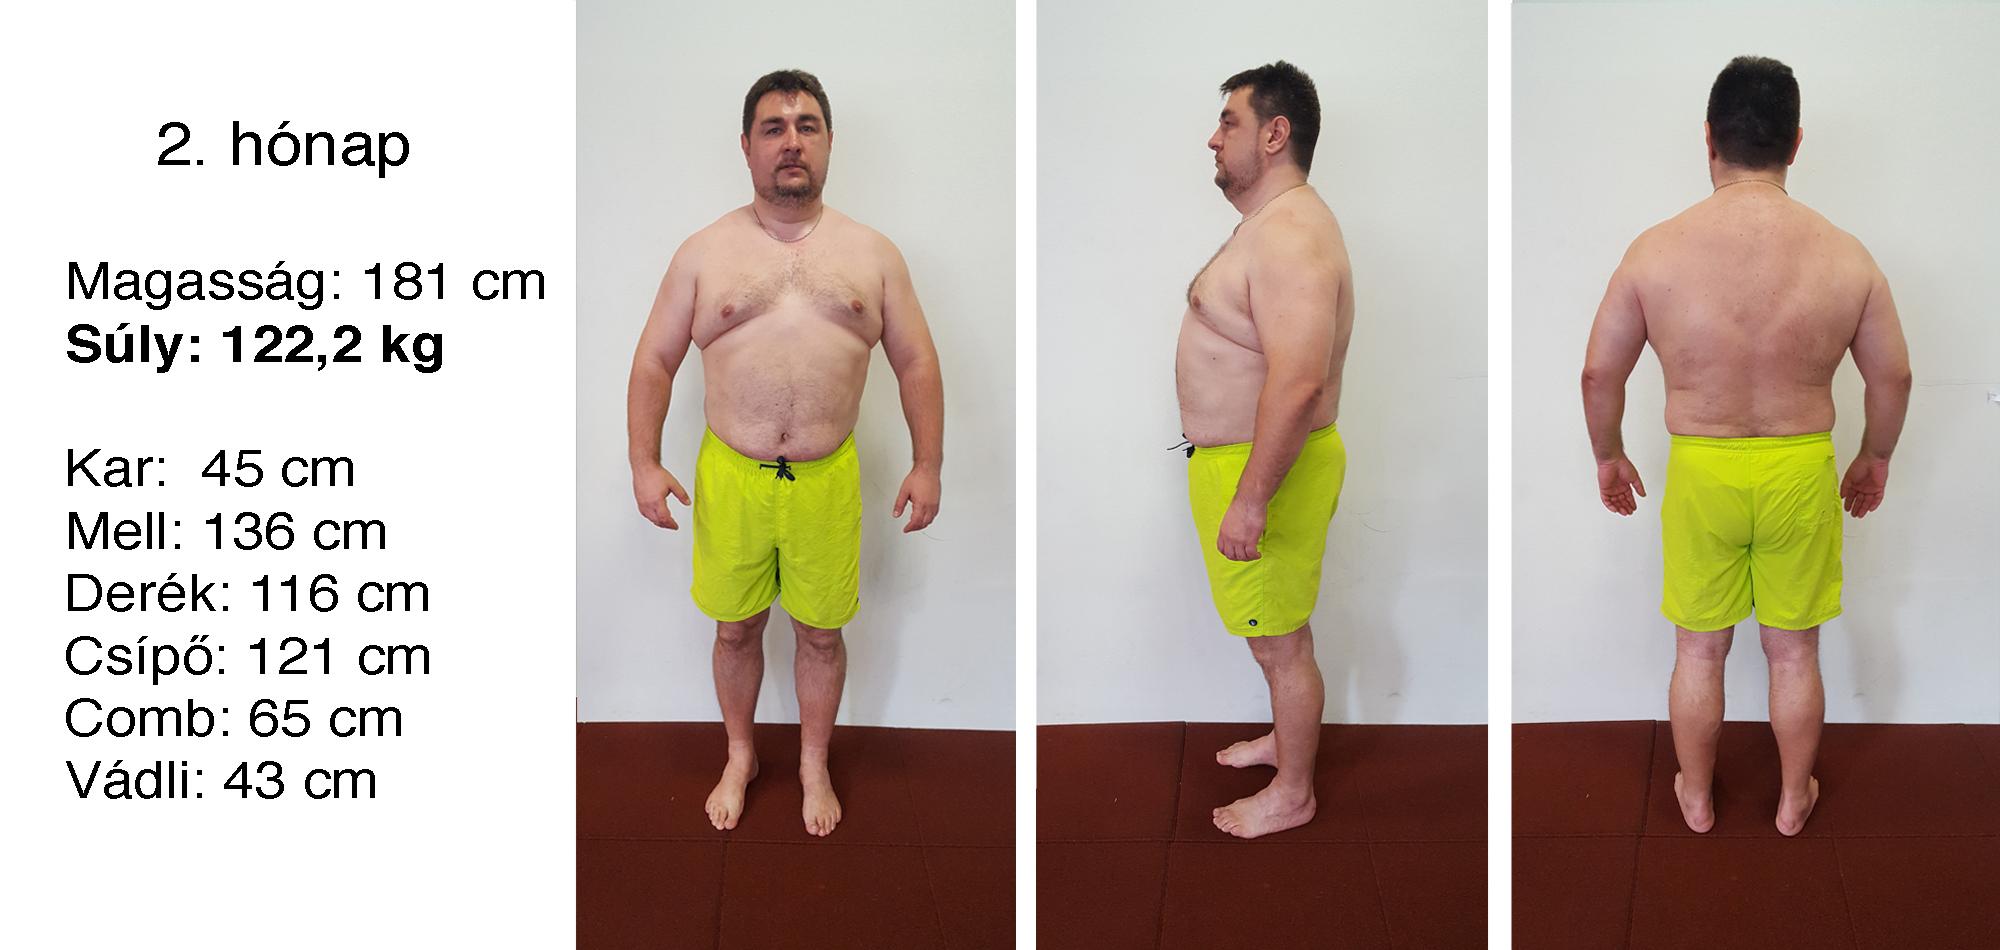 normál fogyás 1 hónap alatt